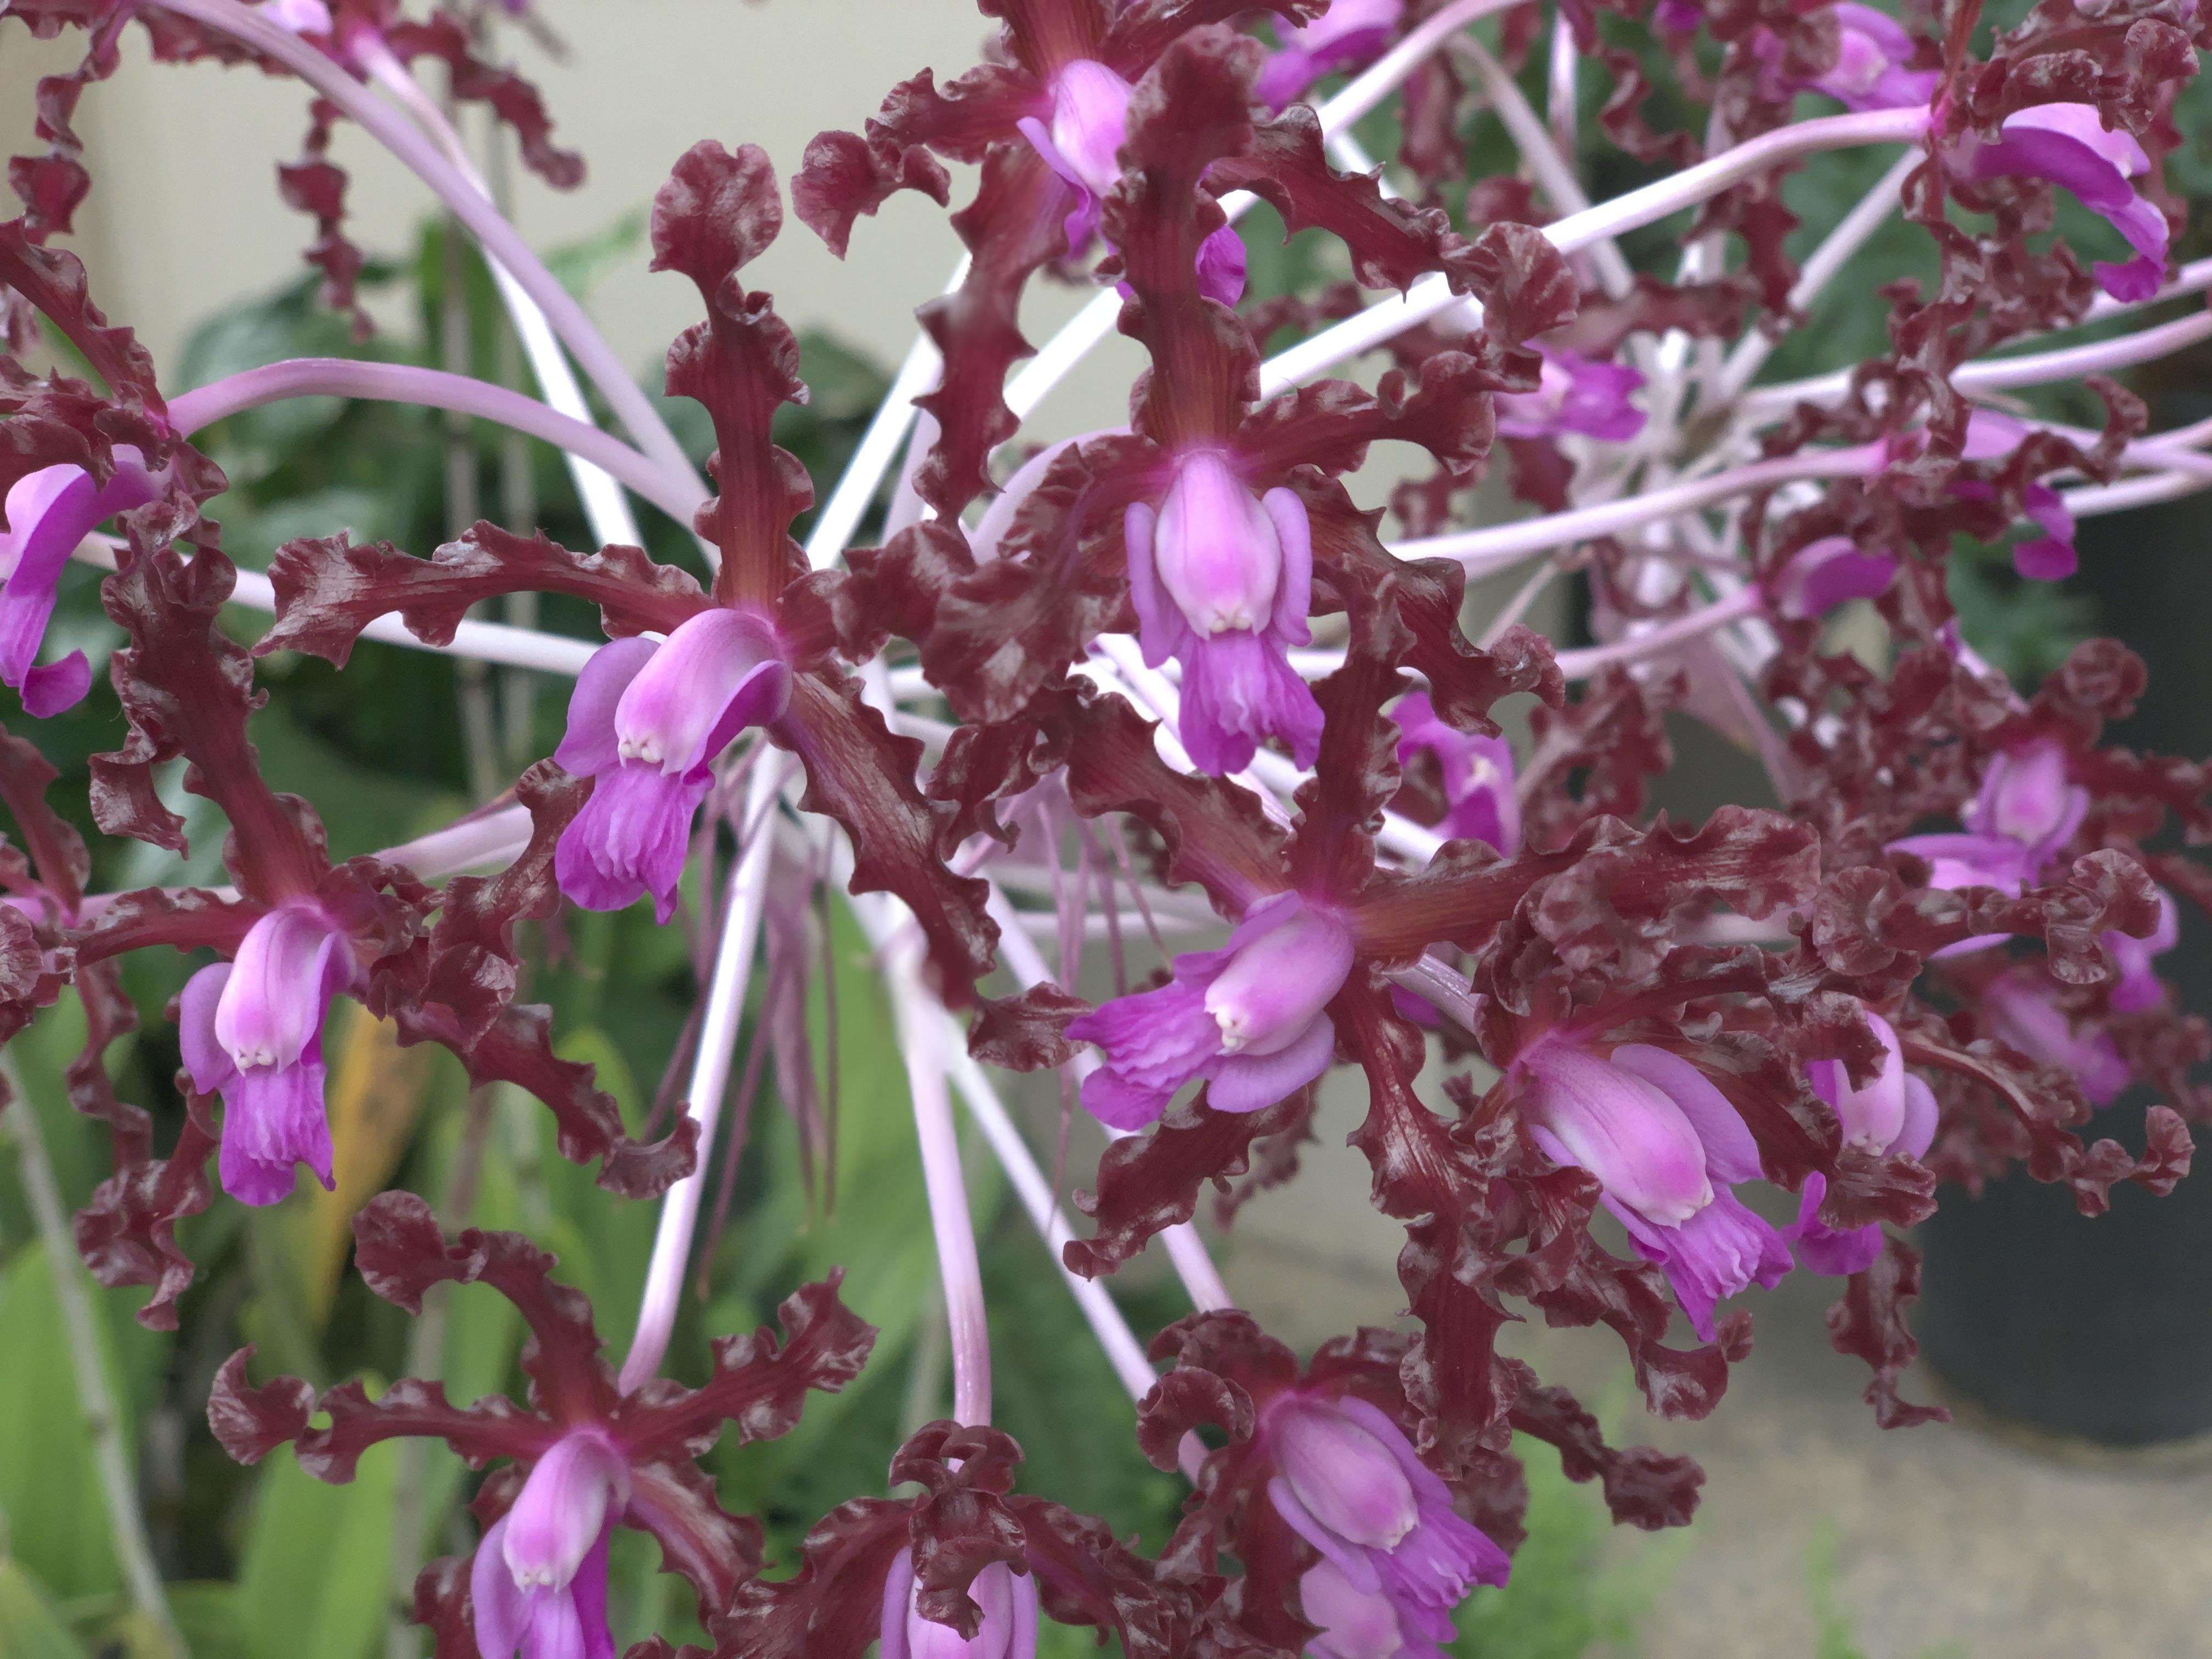 Macro shot of pinkish purple orchids